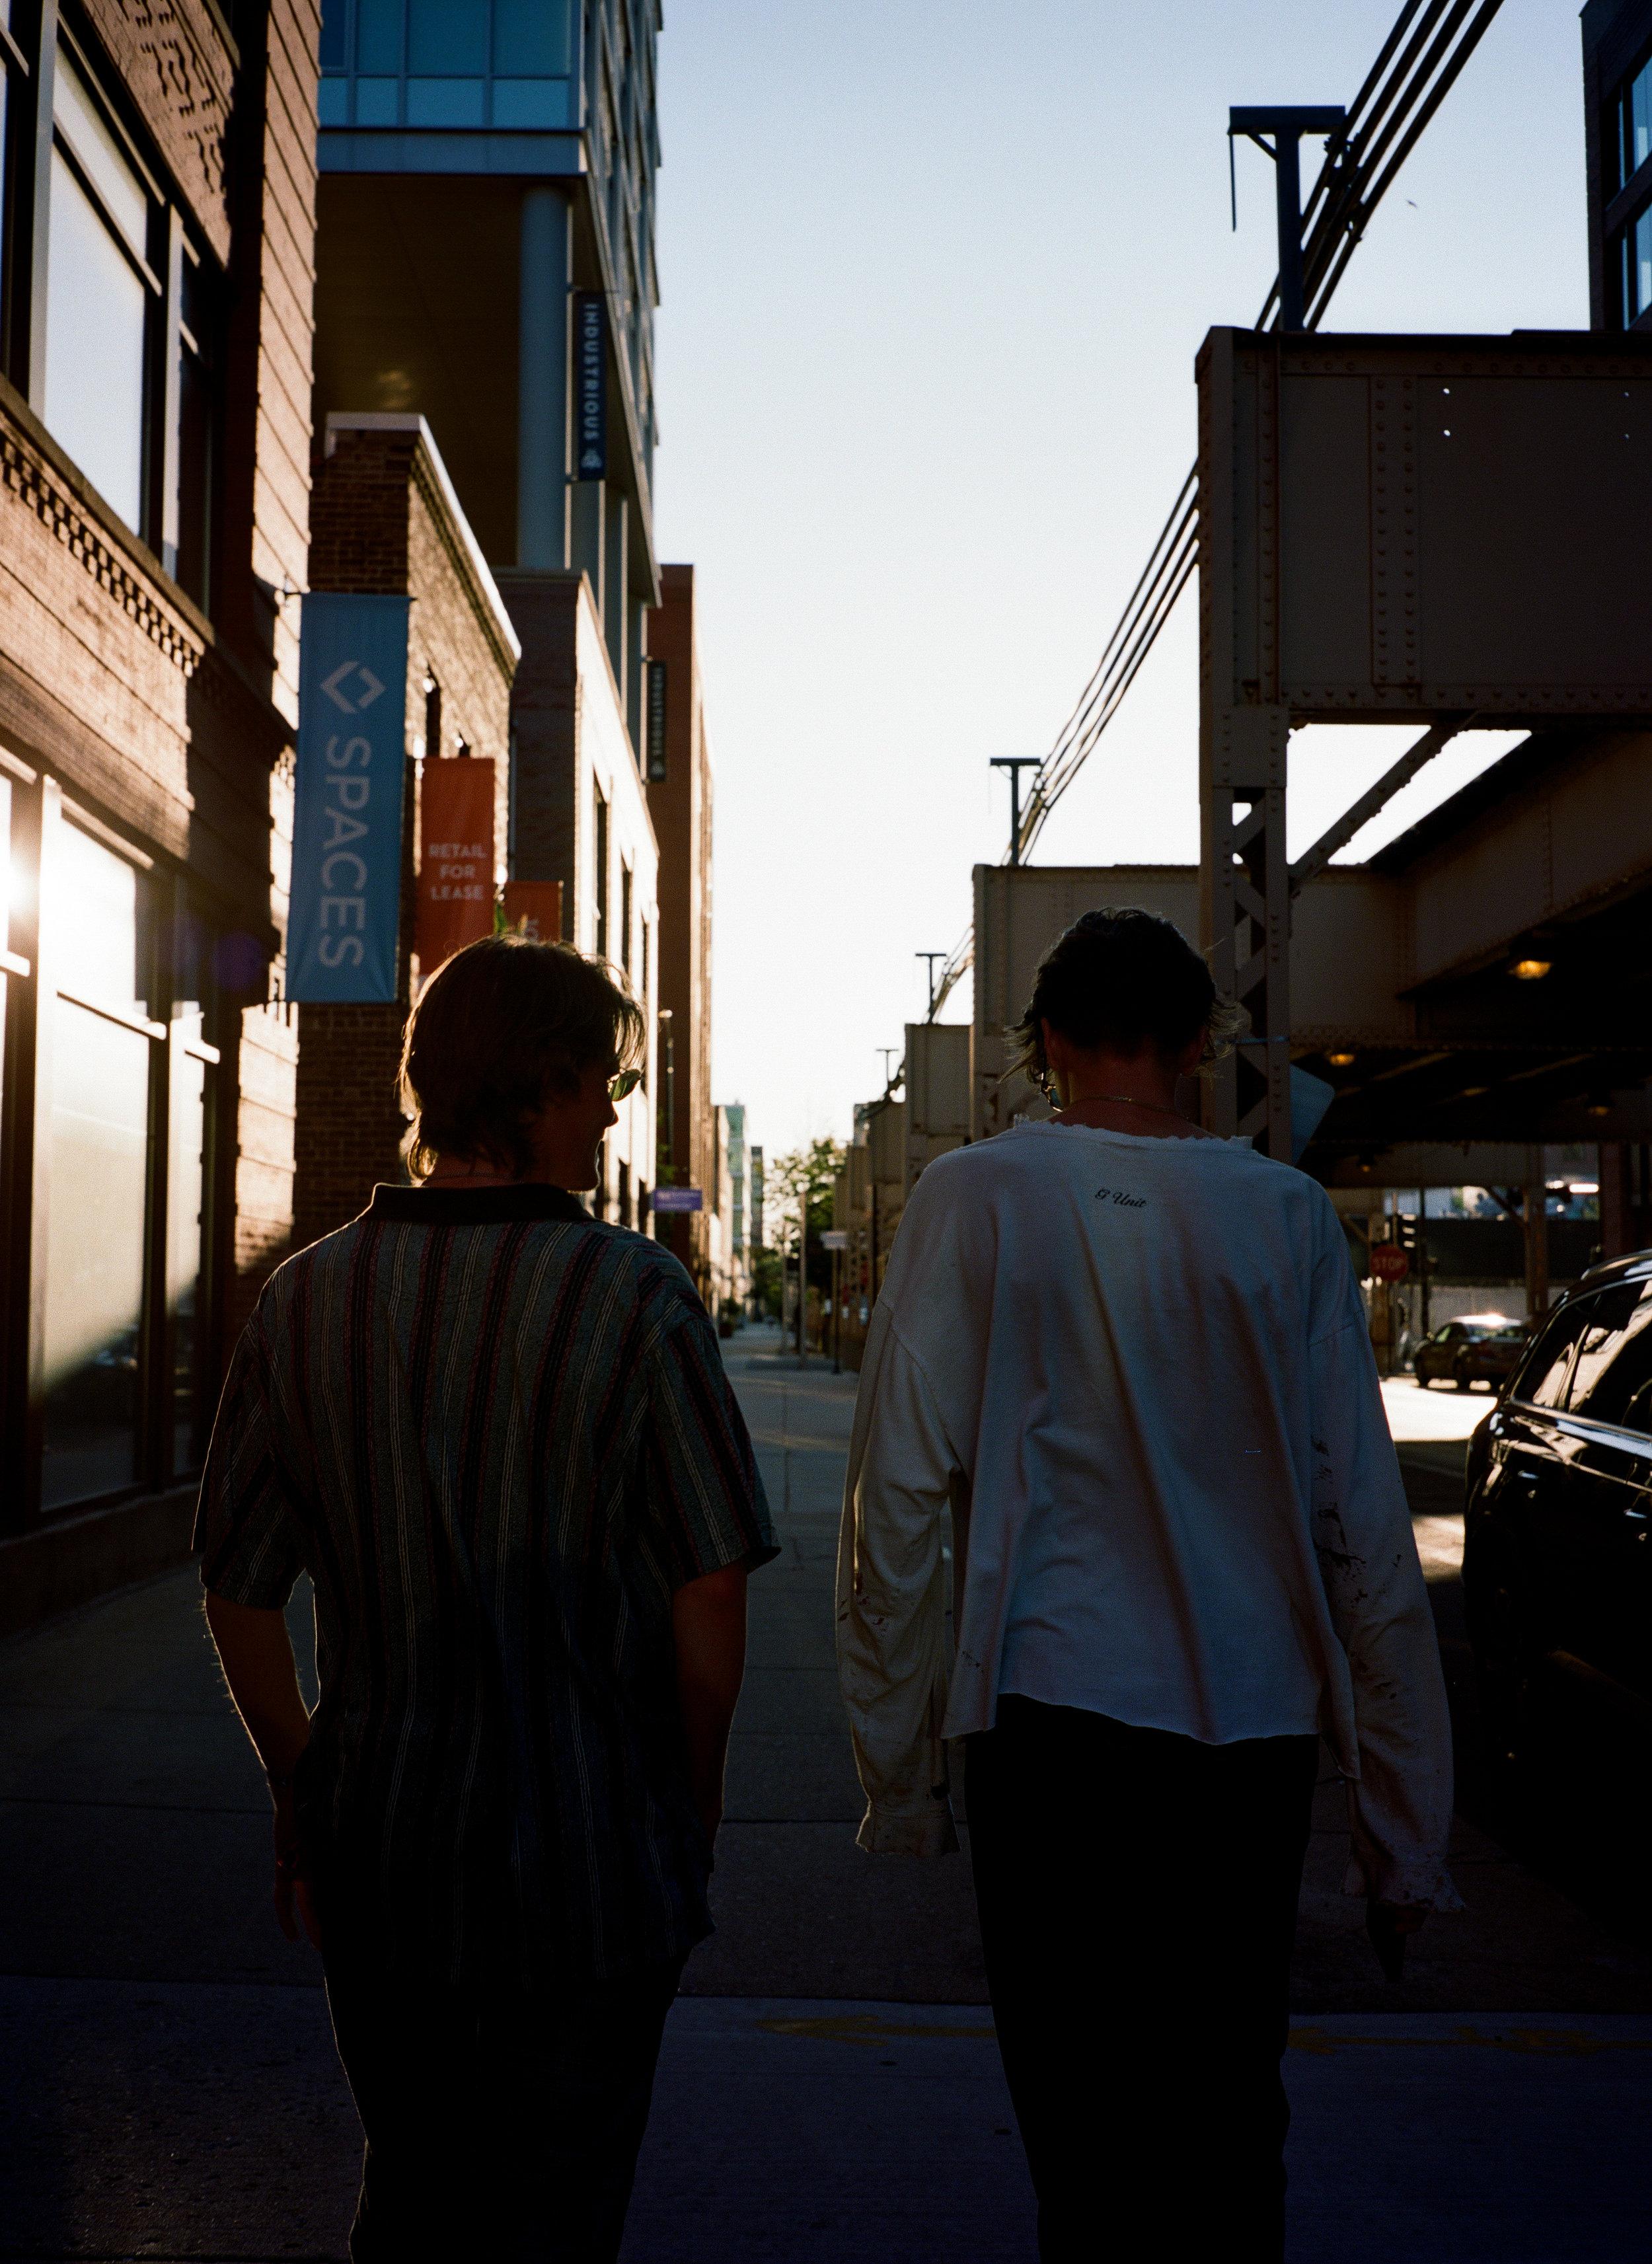 RoleModel_Chicago_090119-29.jpg